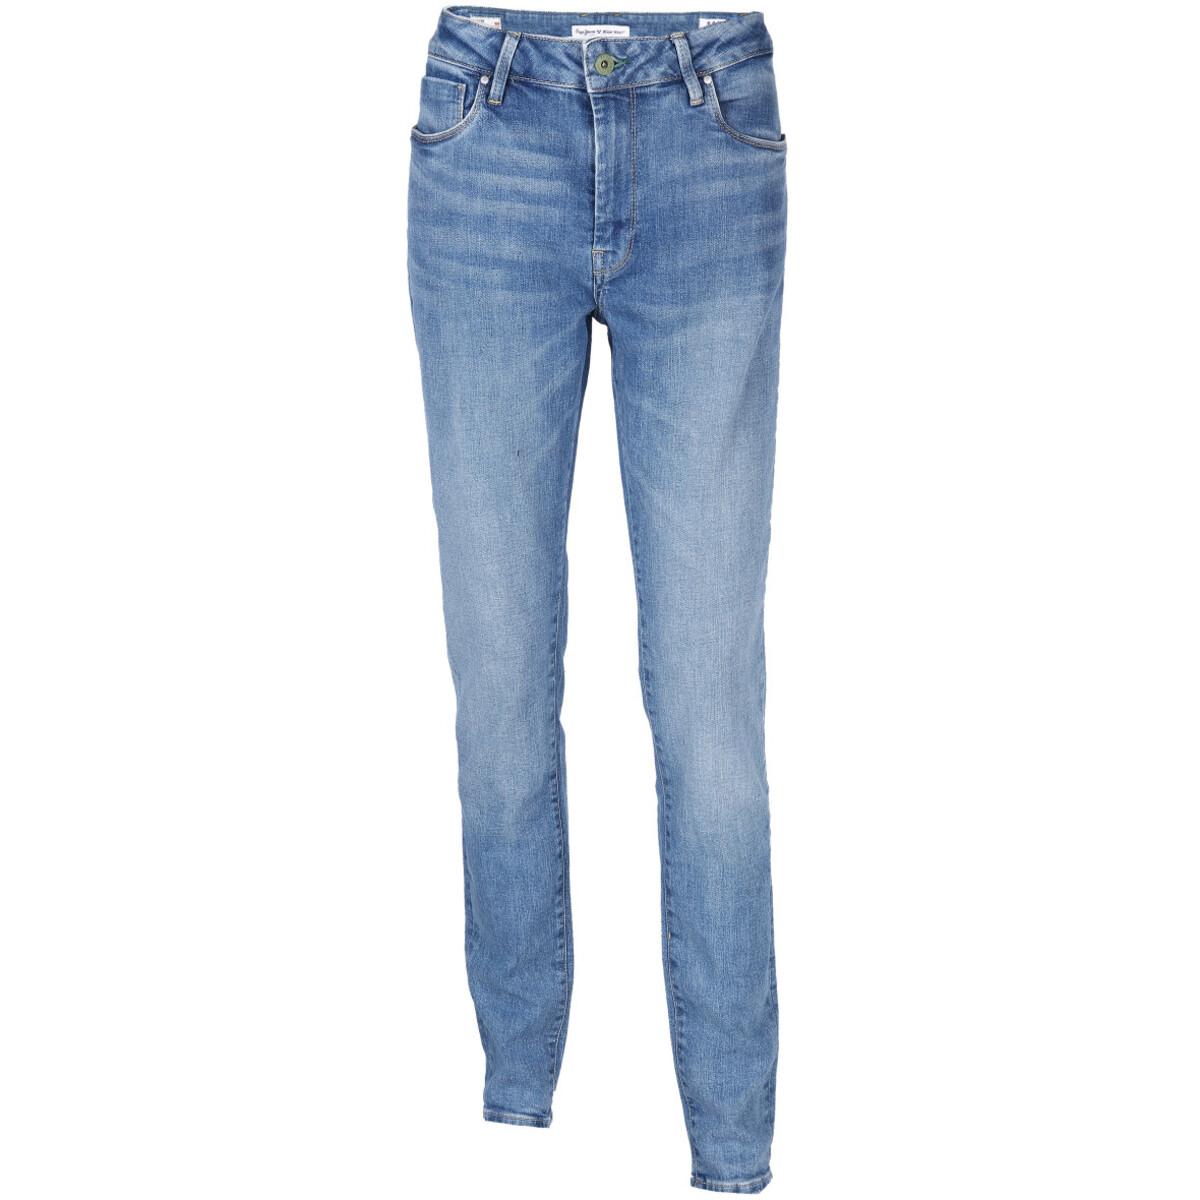 Bild 1 von Damen Pepe Jeans REGENT high waist skinny